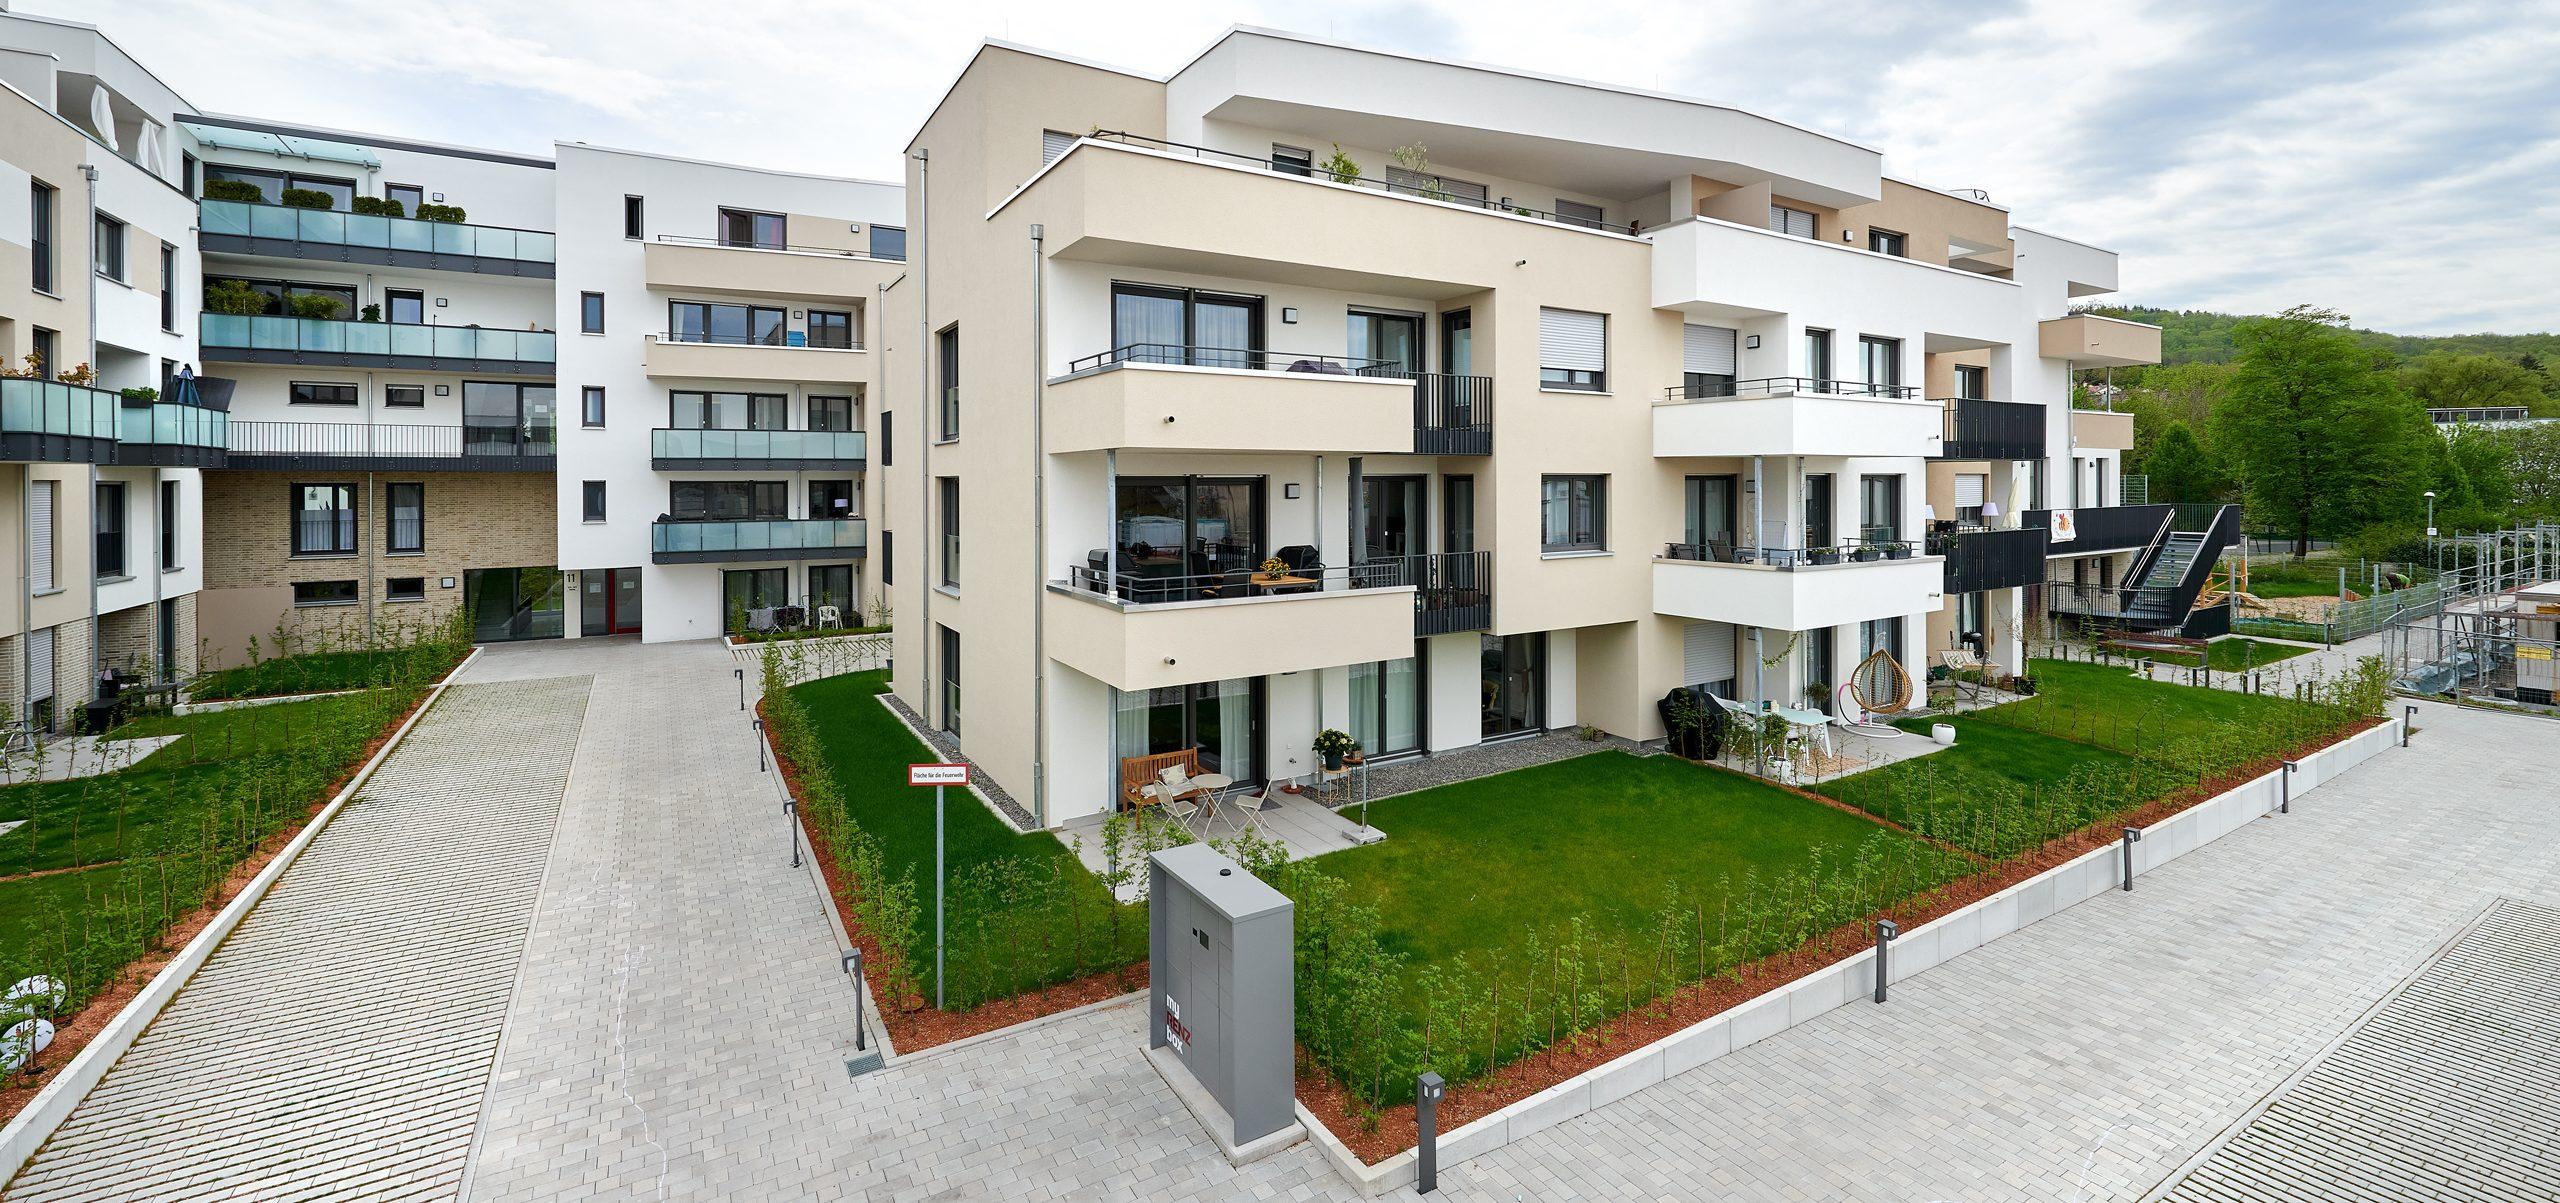 Wohnbebauung City Garden Reutlingen